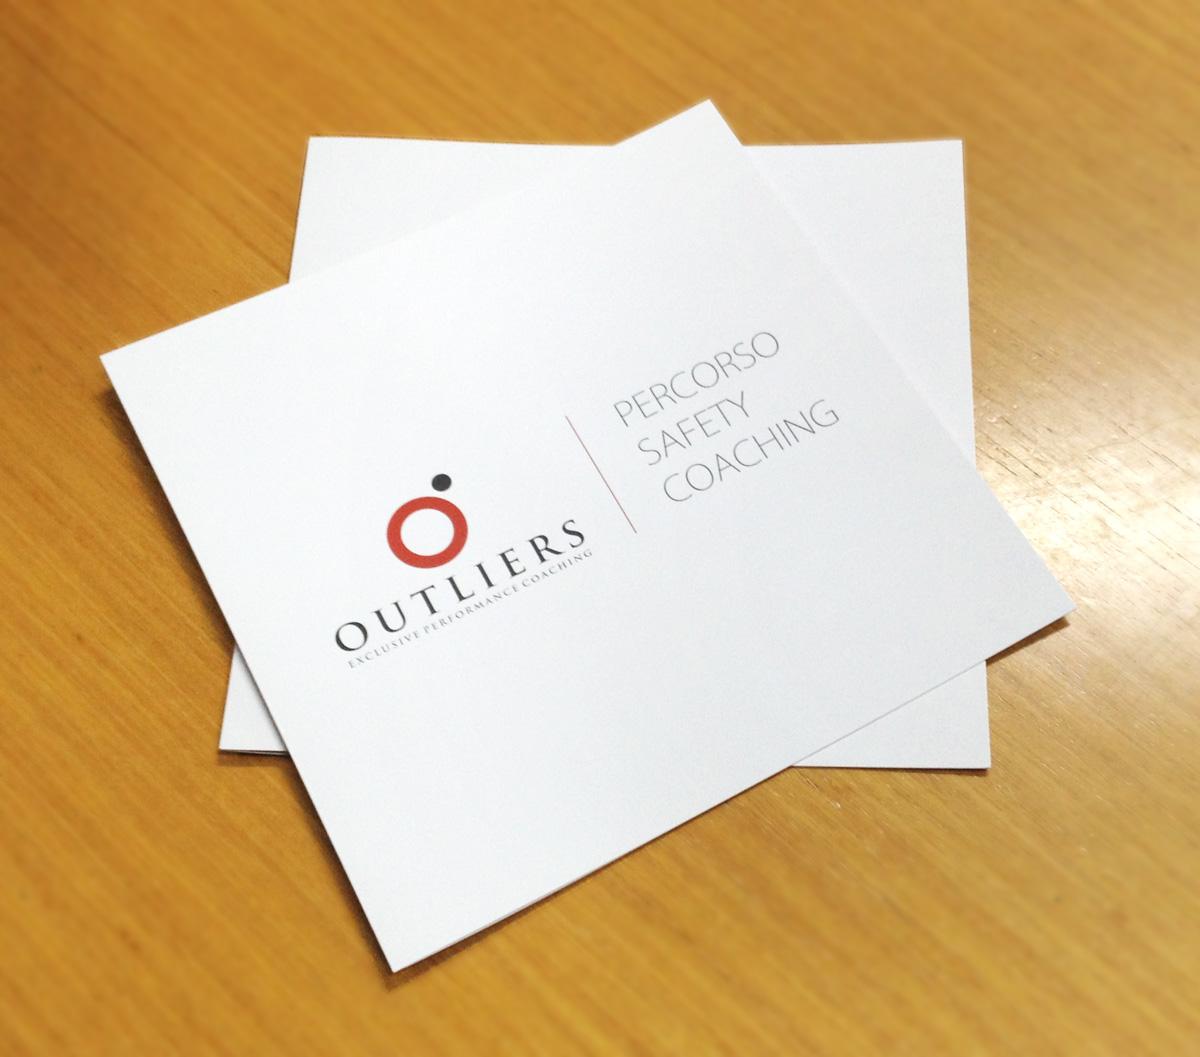 Outliers Pieghevole by Maniac Studio